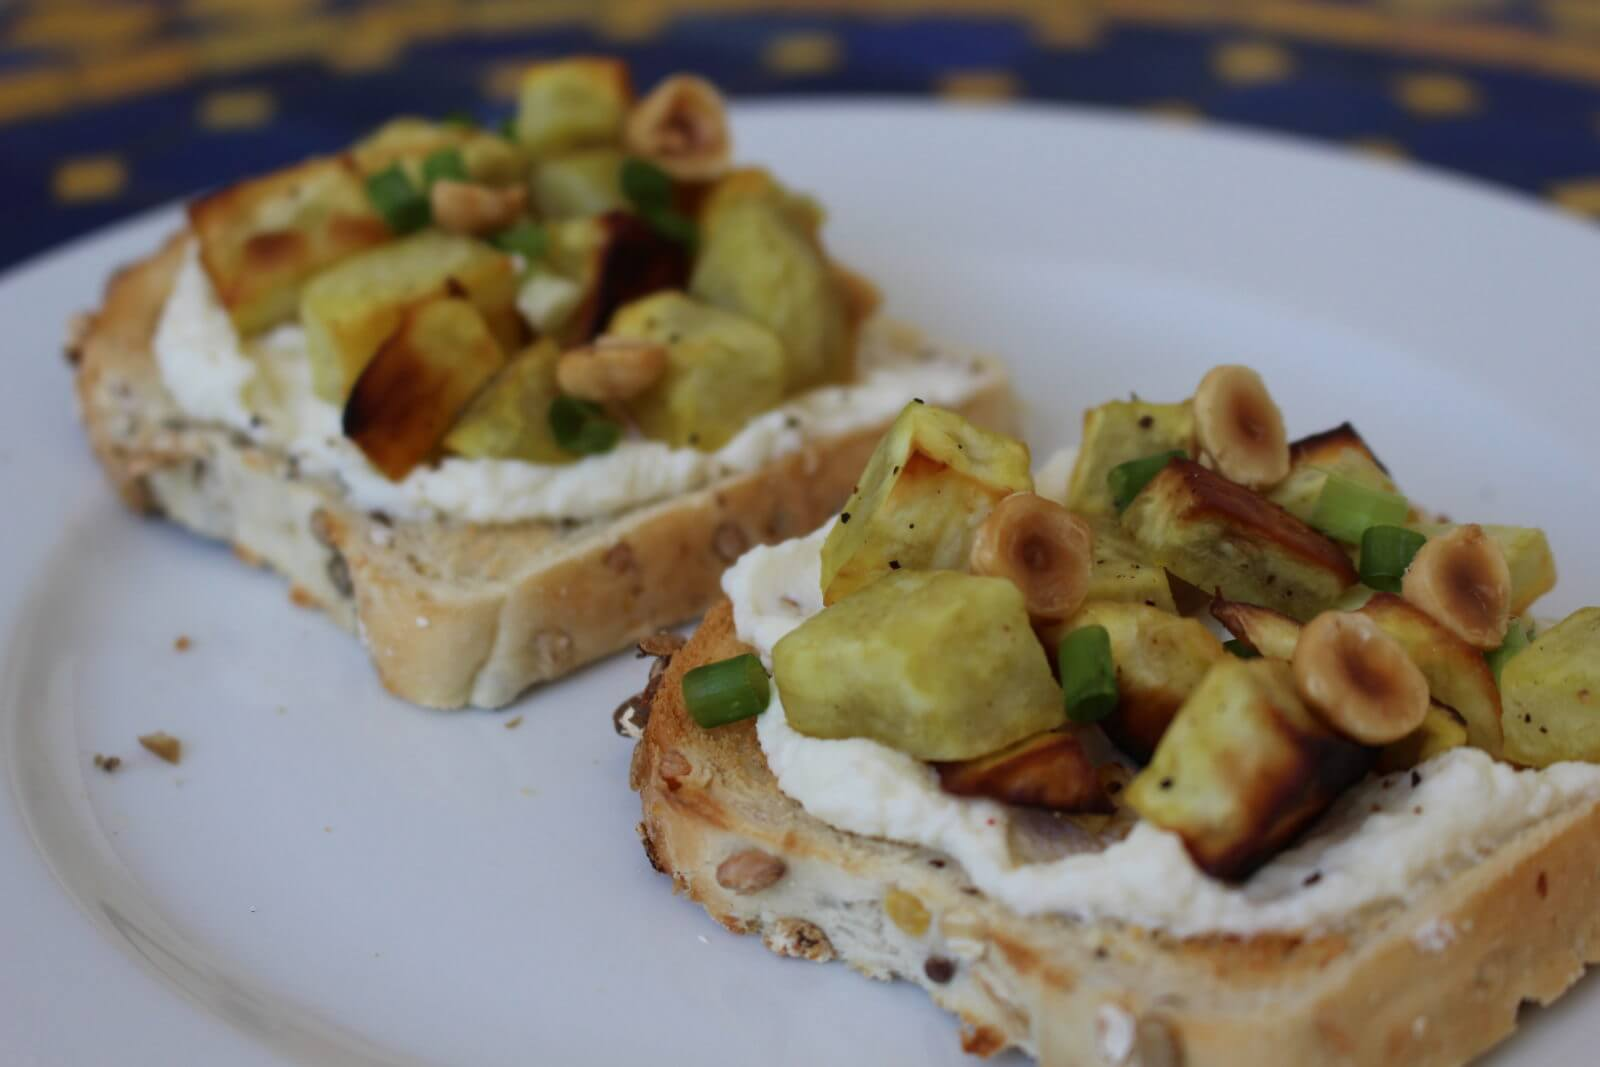 Tartine ricotta, patates douces poêlées et noisettes